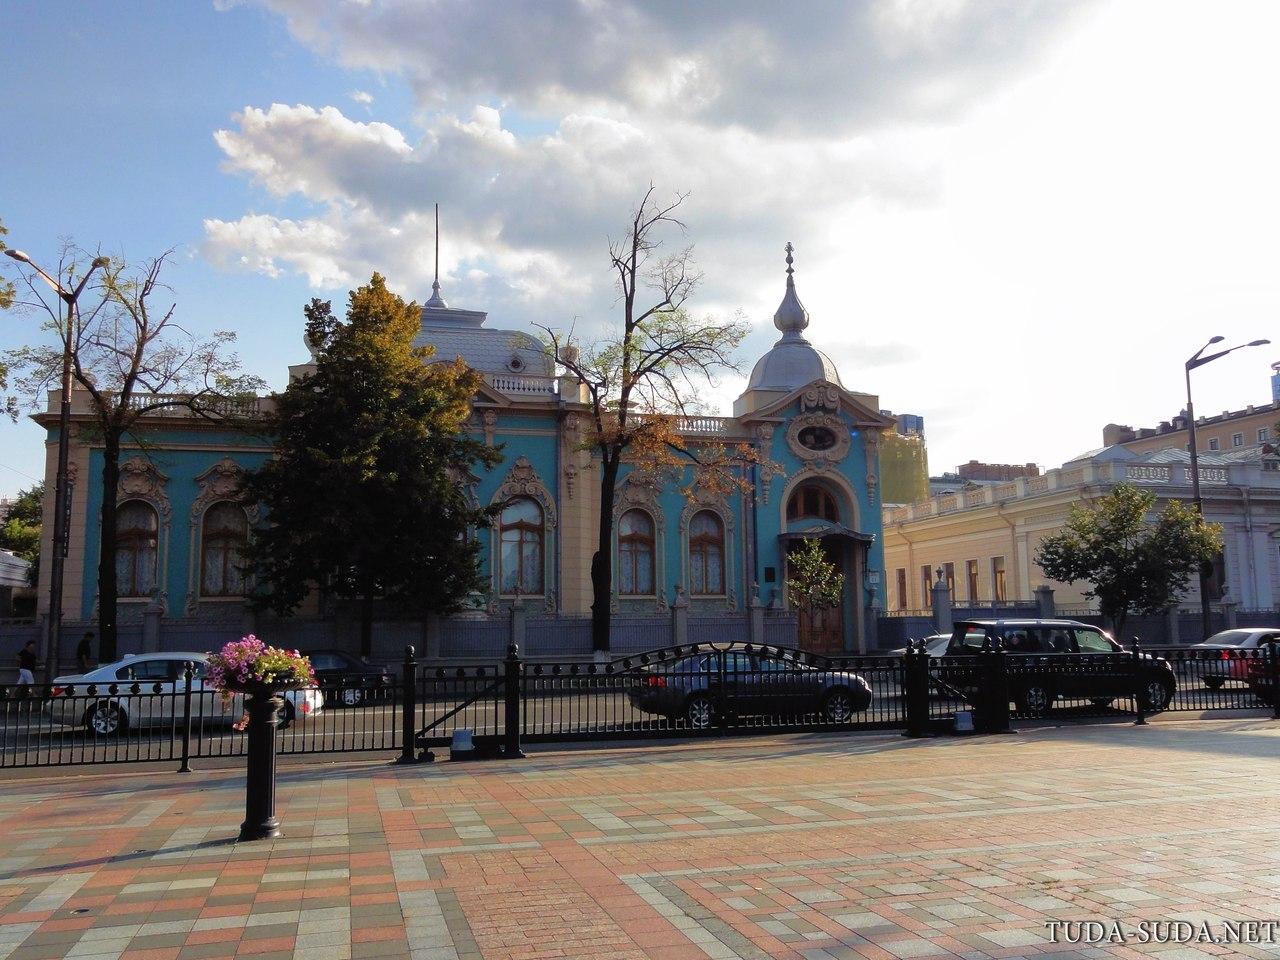 Улица Киев